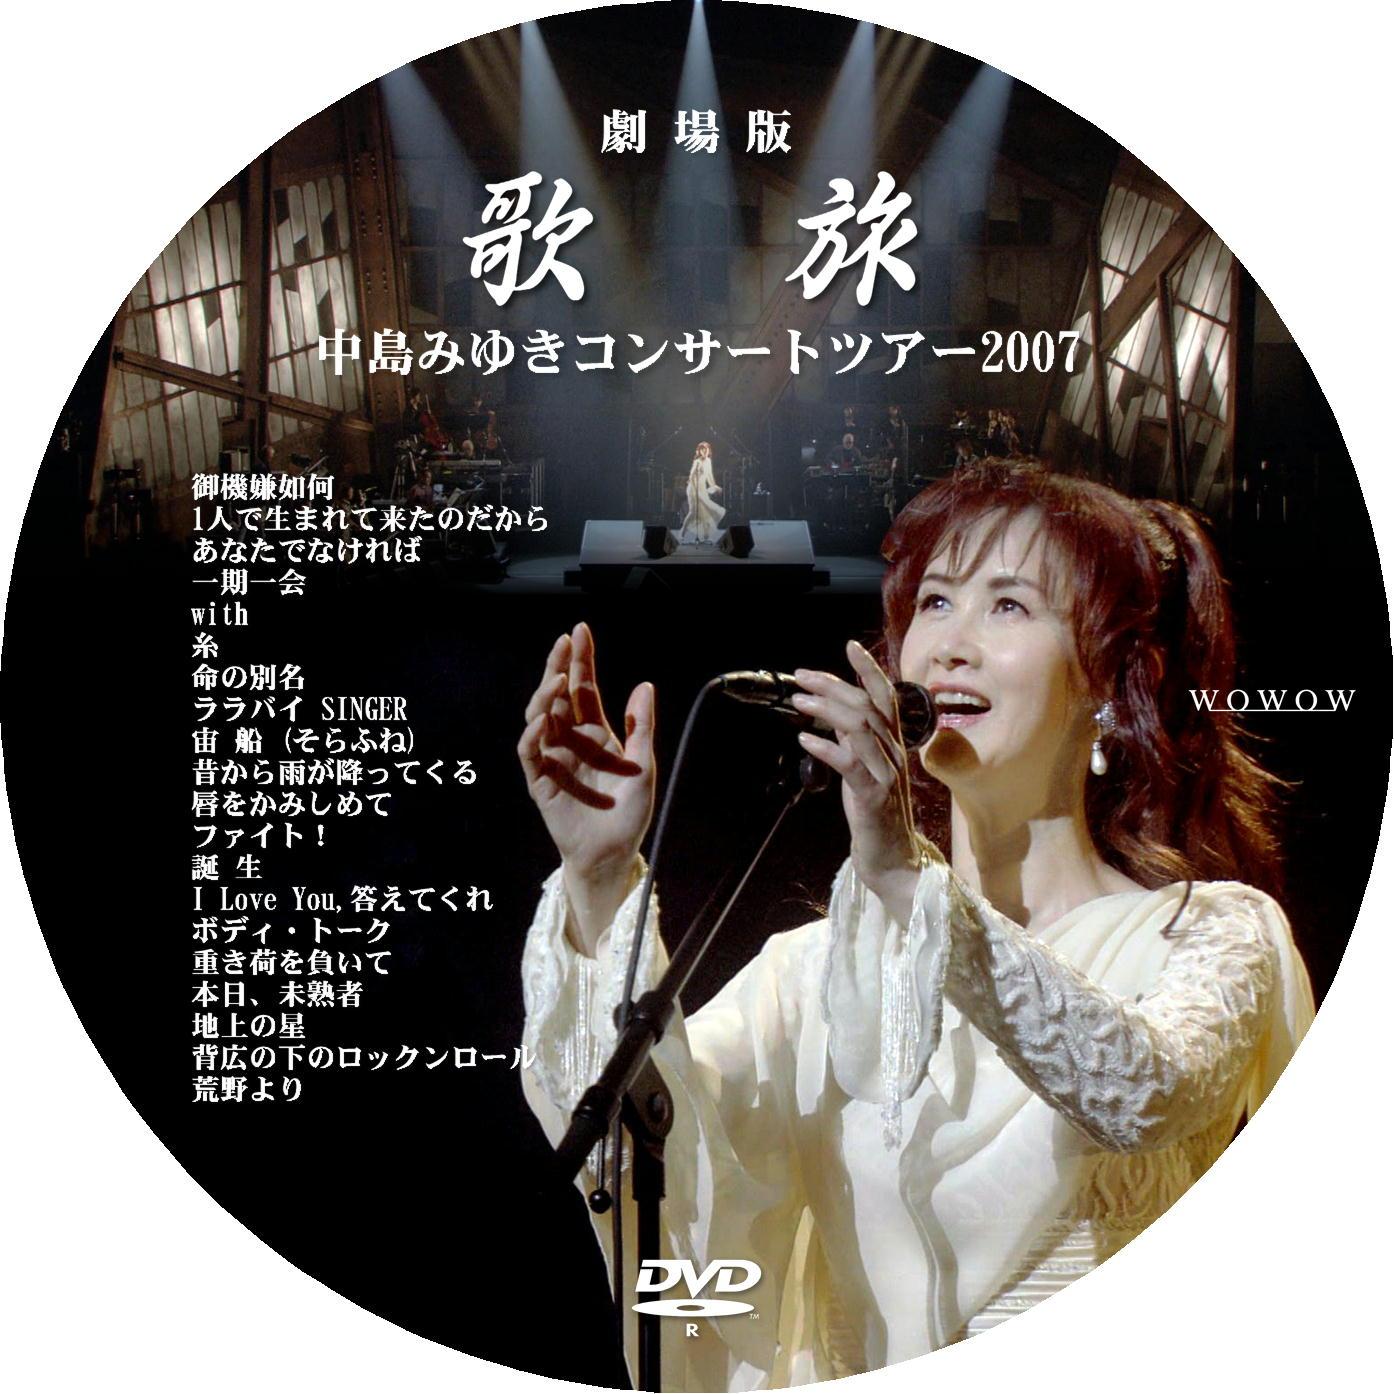 中島みゆき LIVE DVDラベル